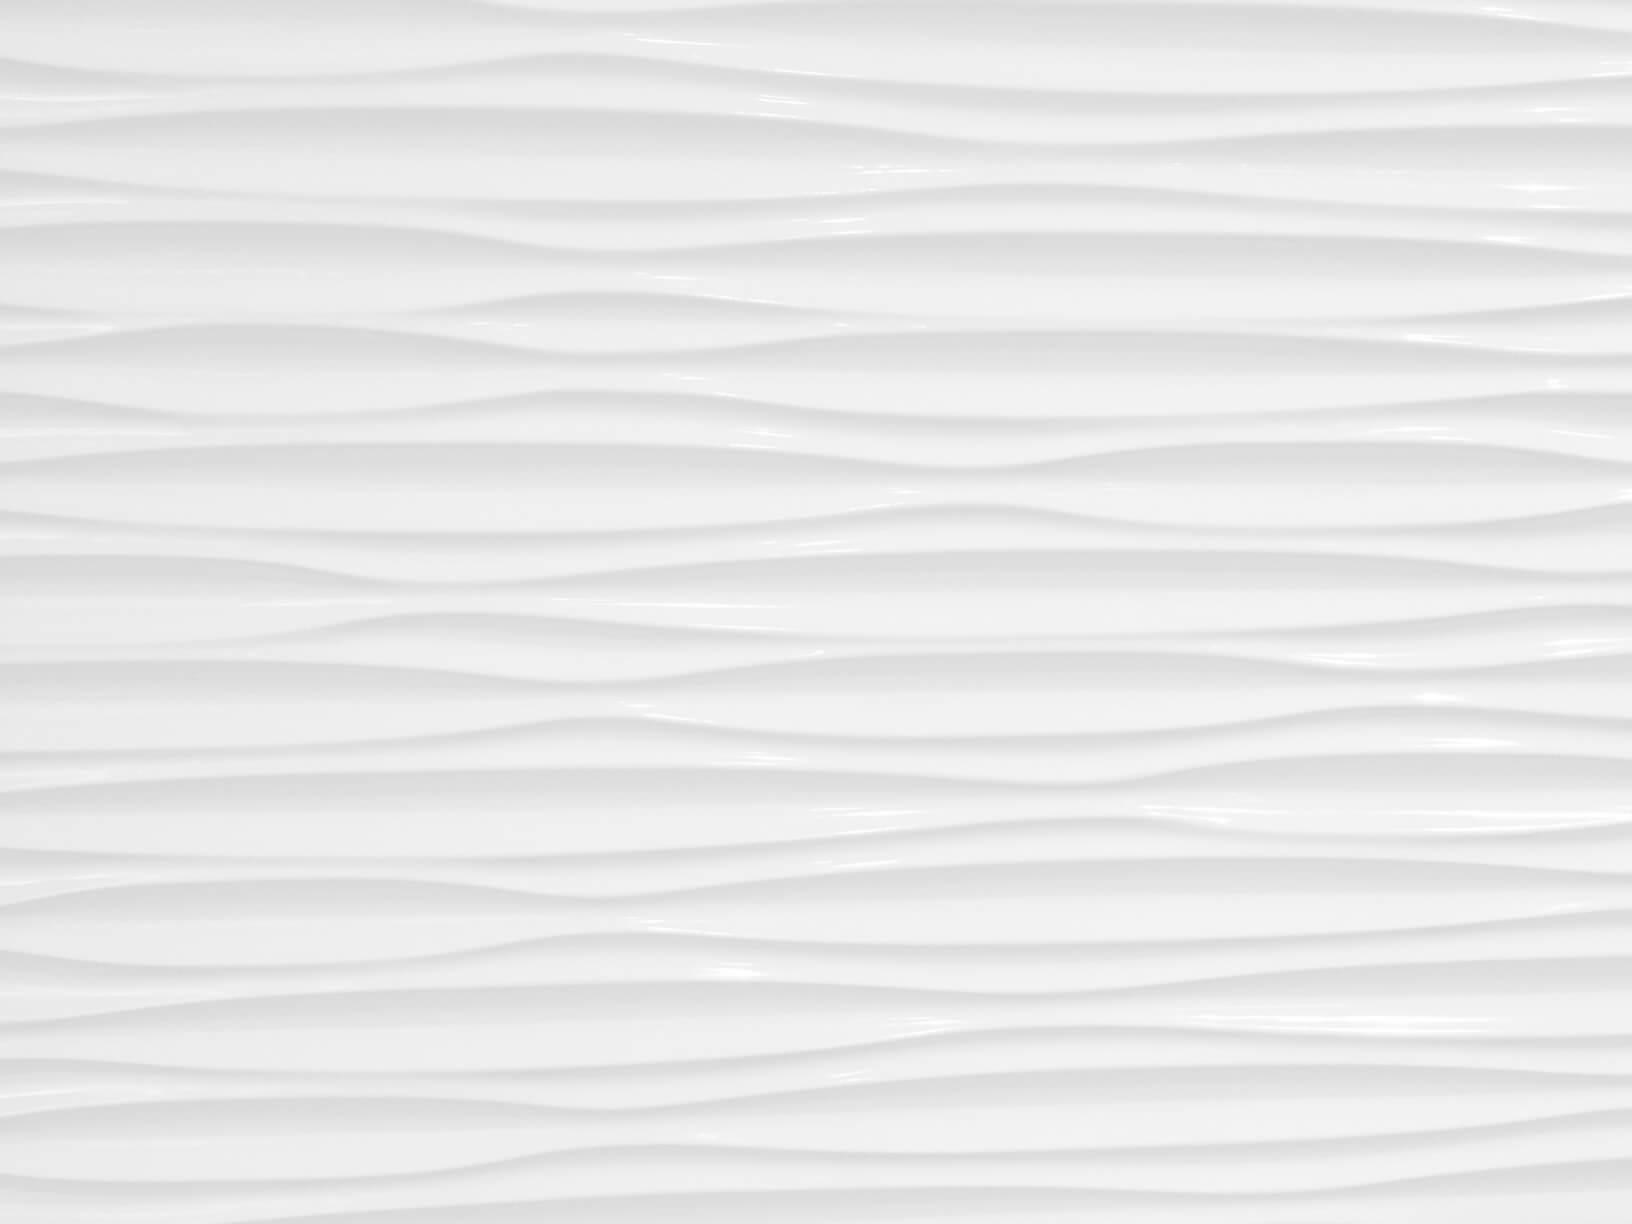 white-texture-background-1 - Schroeder Solutions